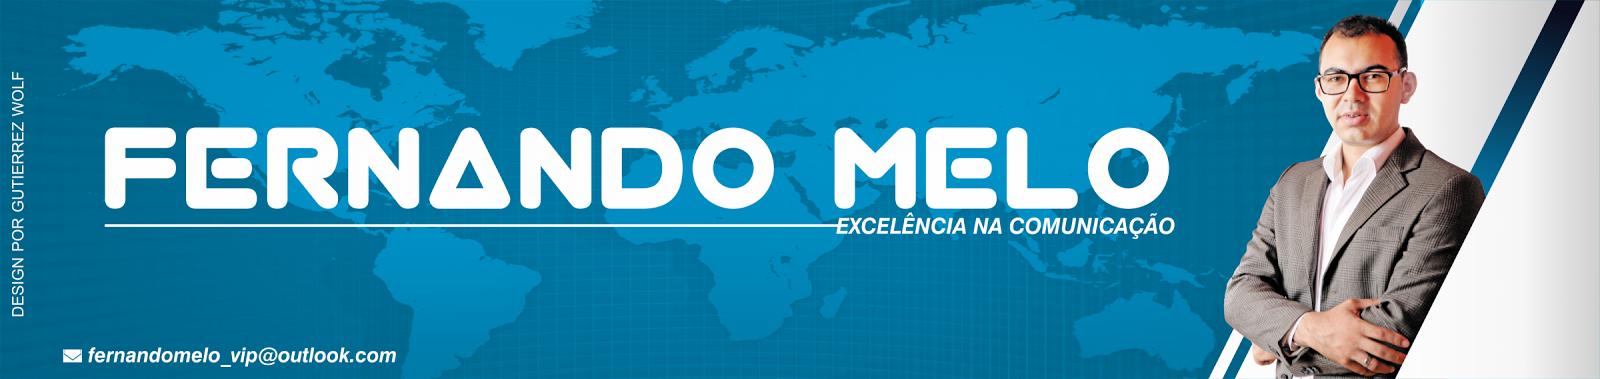 Blog do Fernando Melo